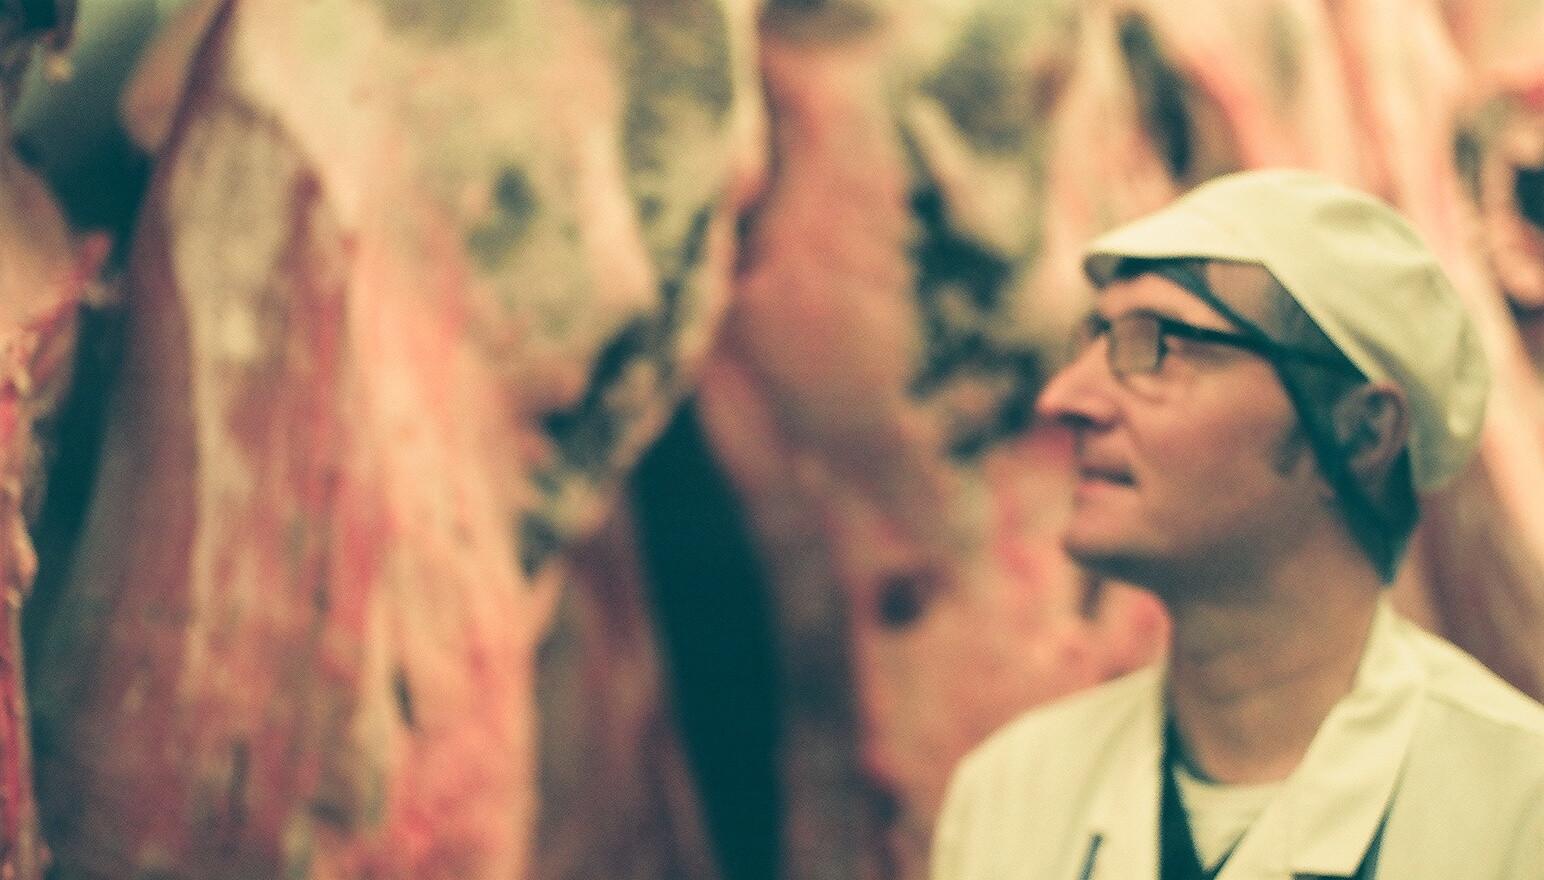 Mettrick' Abattoir, Glossop